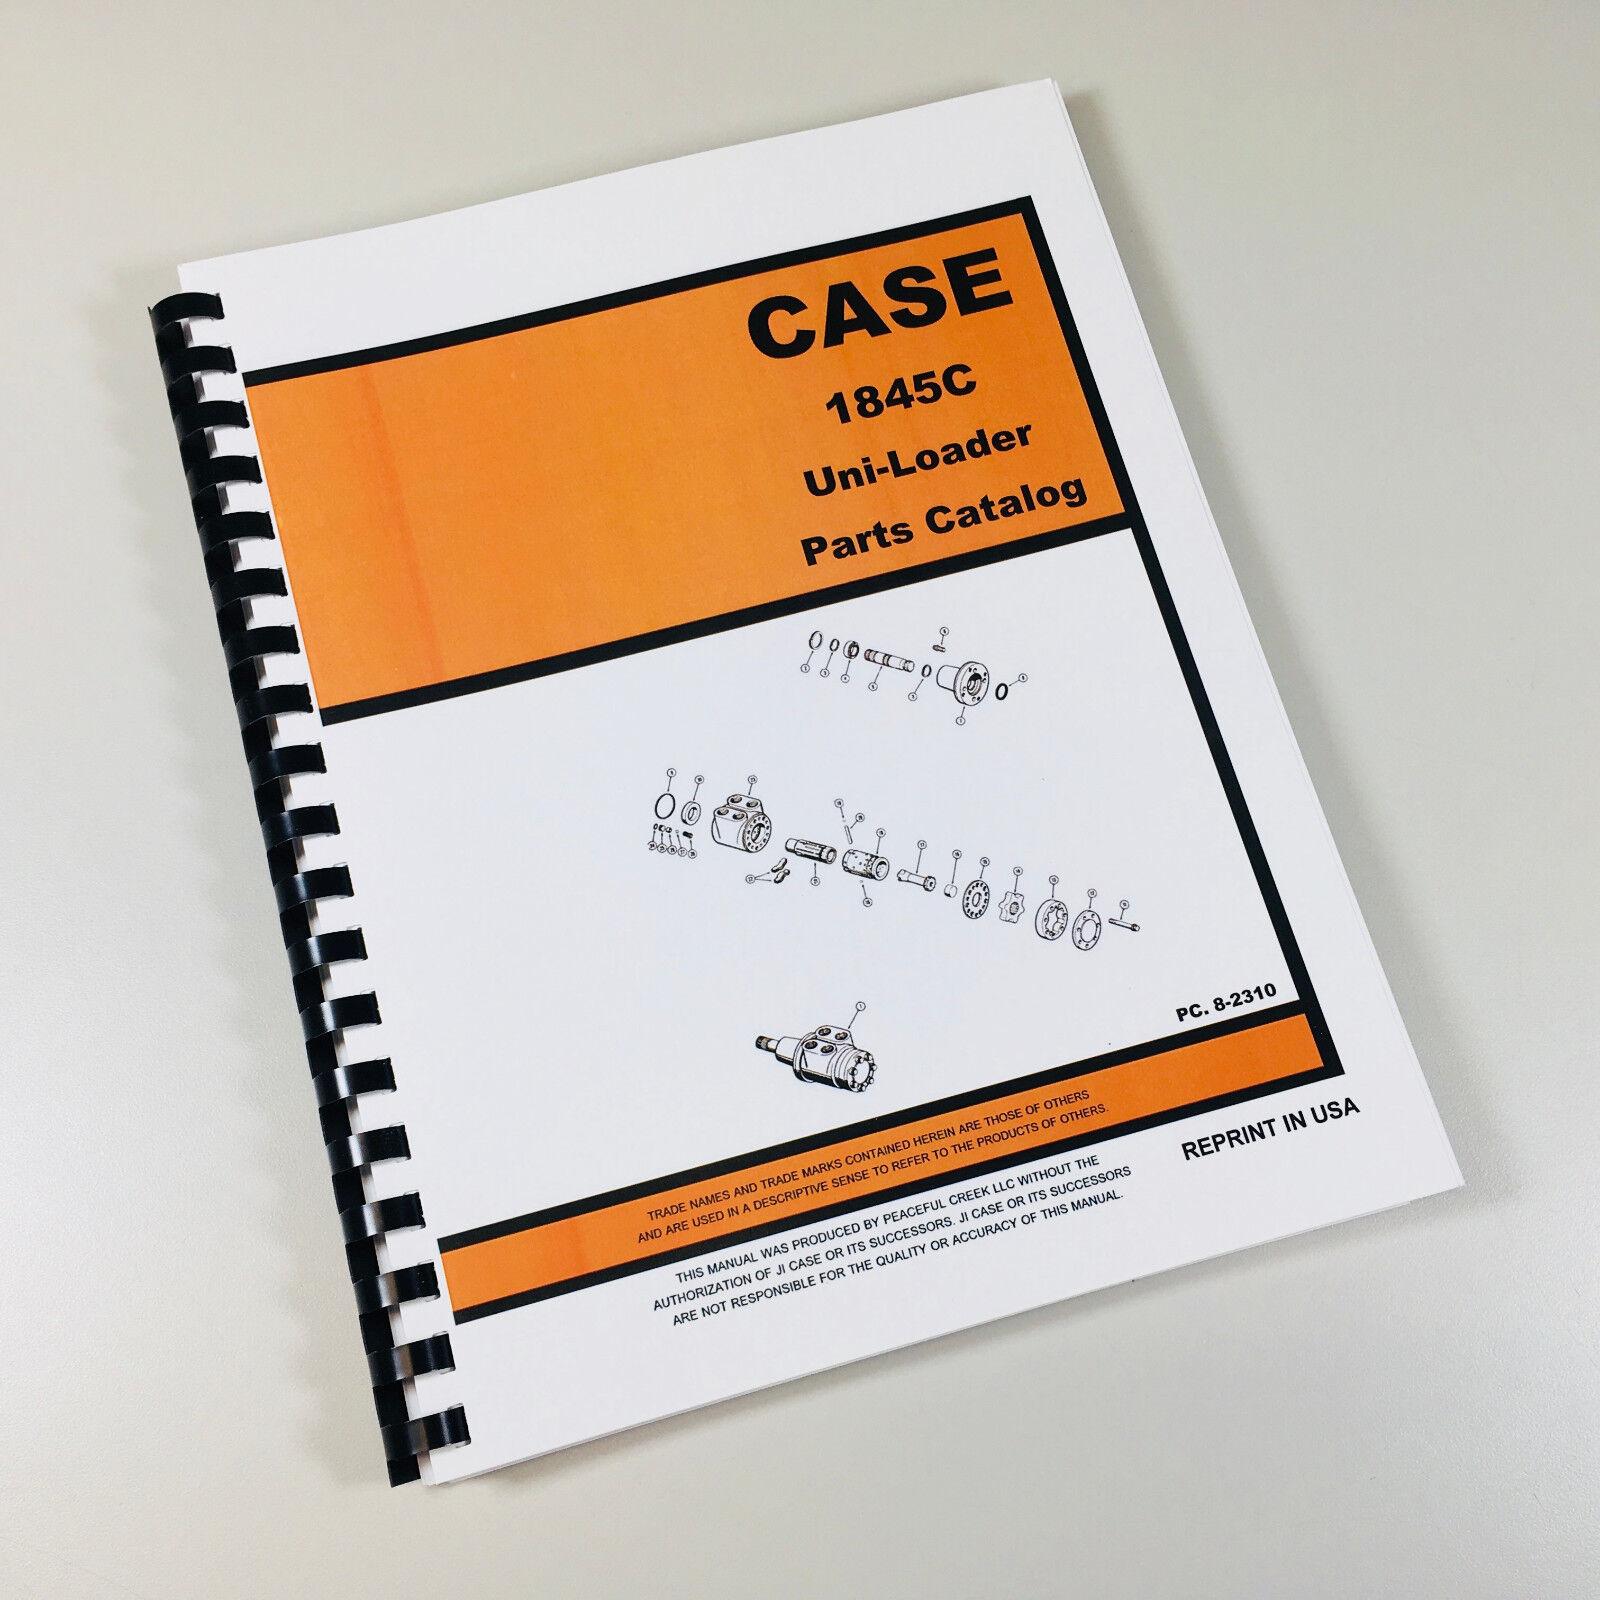 Case 1845c Parts Diagram Download Wiring Diagrams J I Uni Loader Manual Catalog Skid Steer Assembly Rh Ebay Com 1845